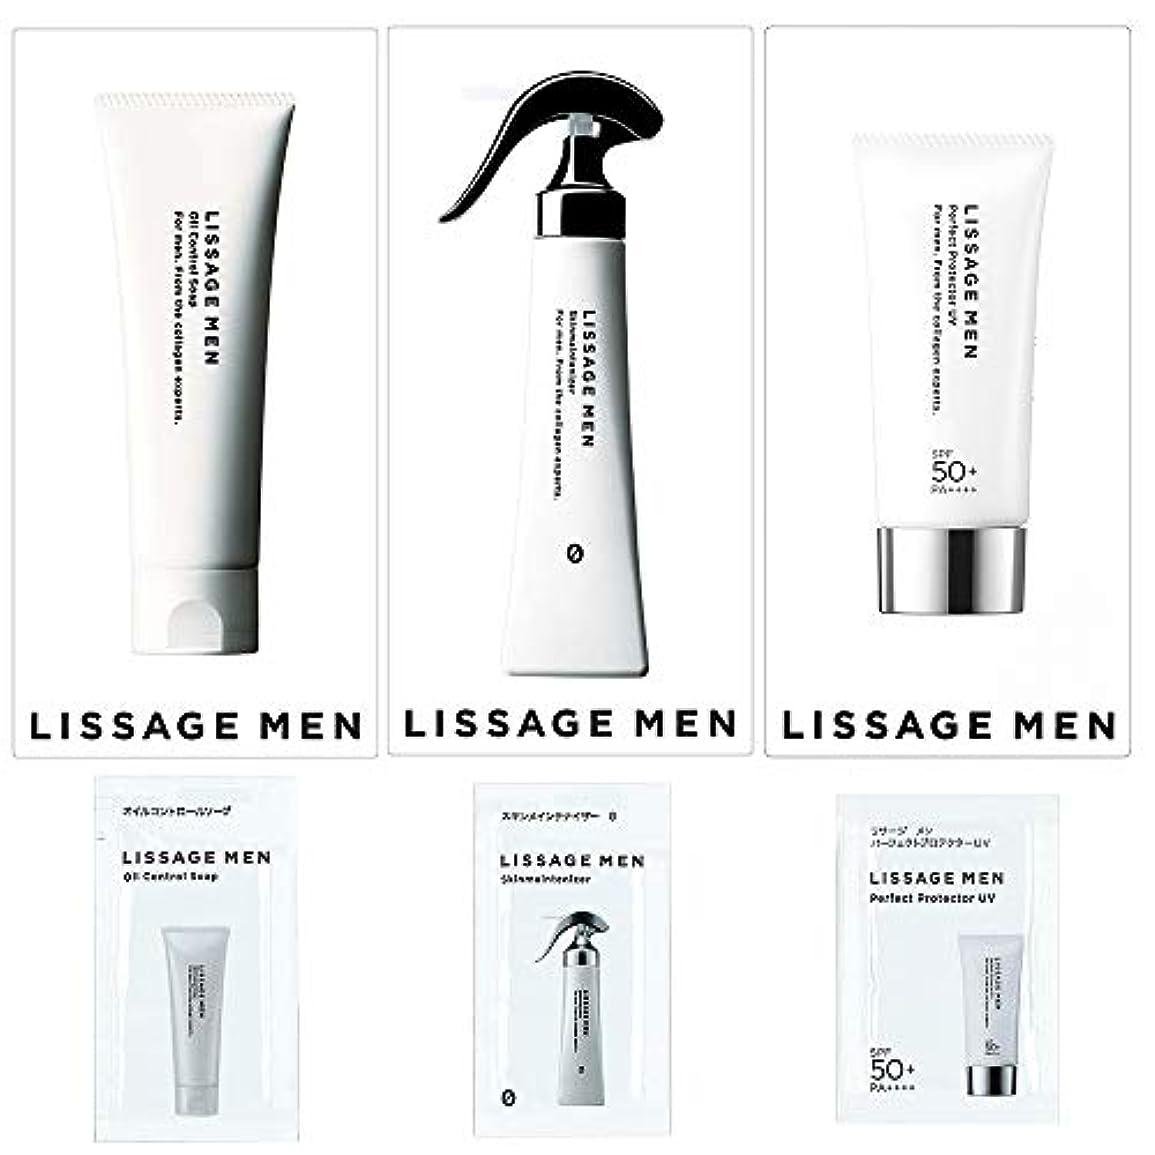 キャッチ急性テクニカルリサージメン メンズ フェイスケア 3点セット 洗顔&化粧水&UV(サンプルセット) 【実質無料サンプルストア対象】